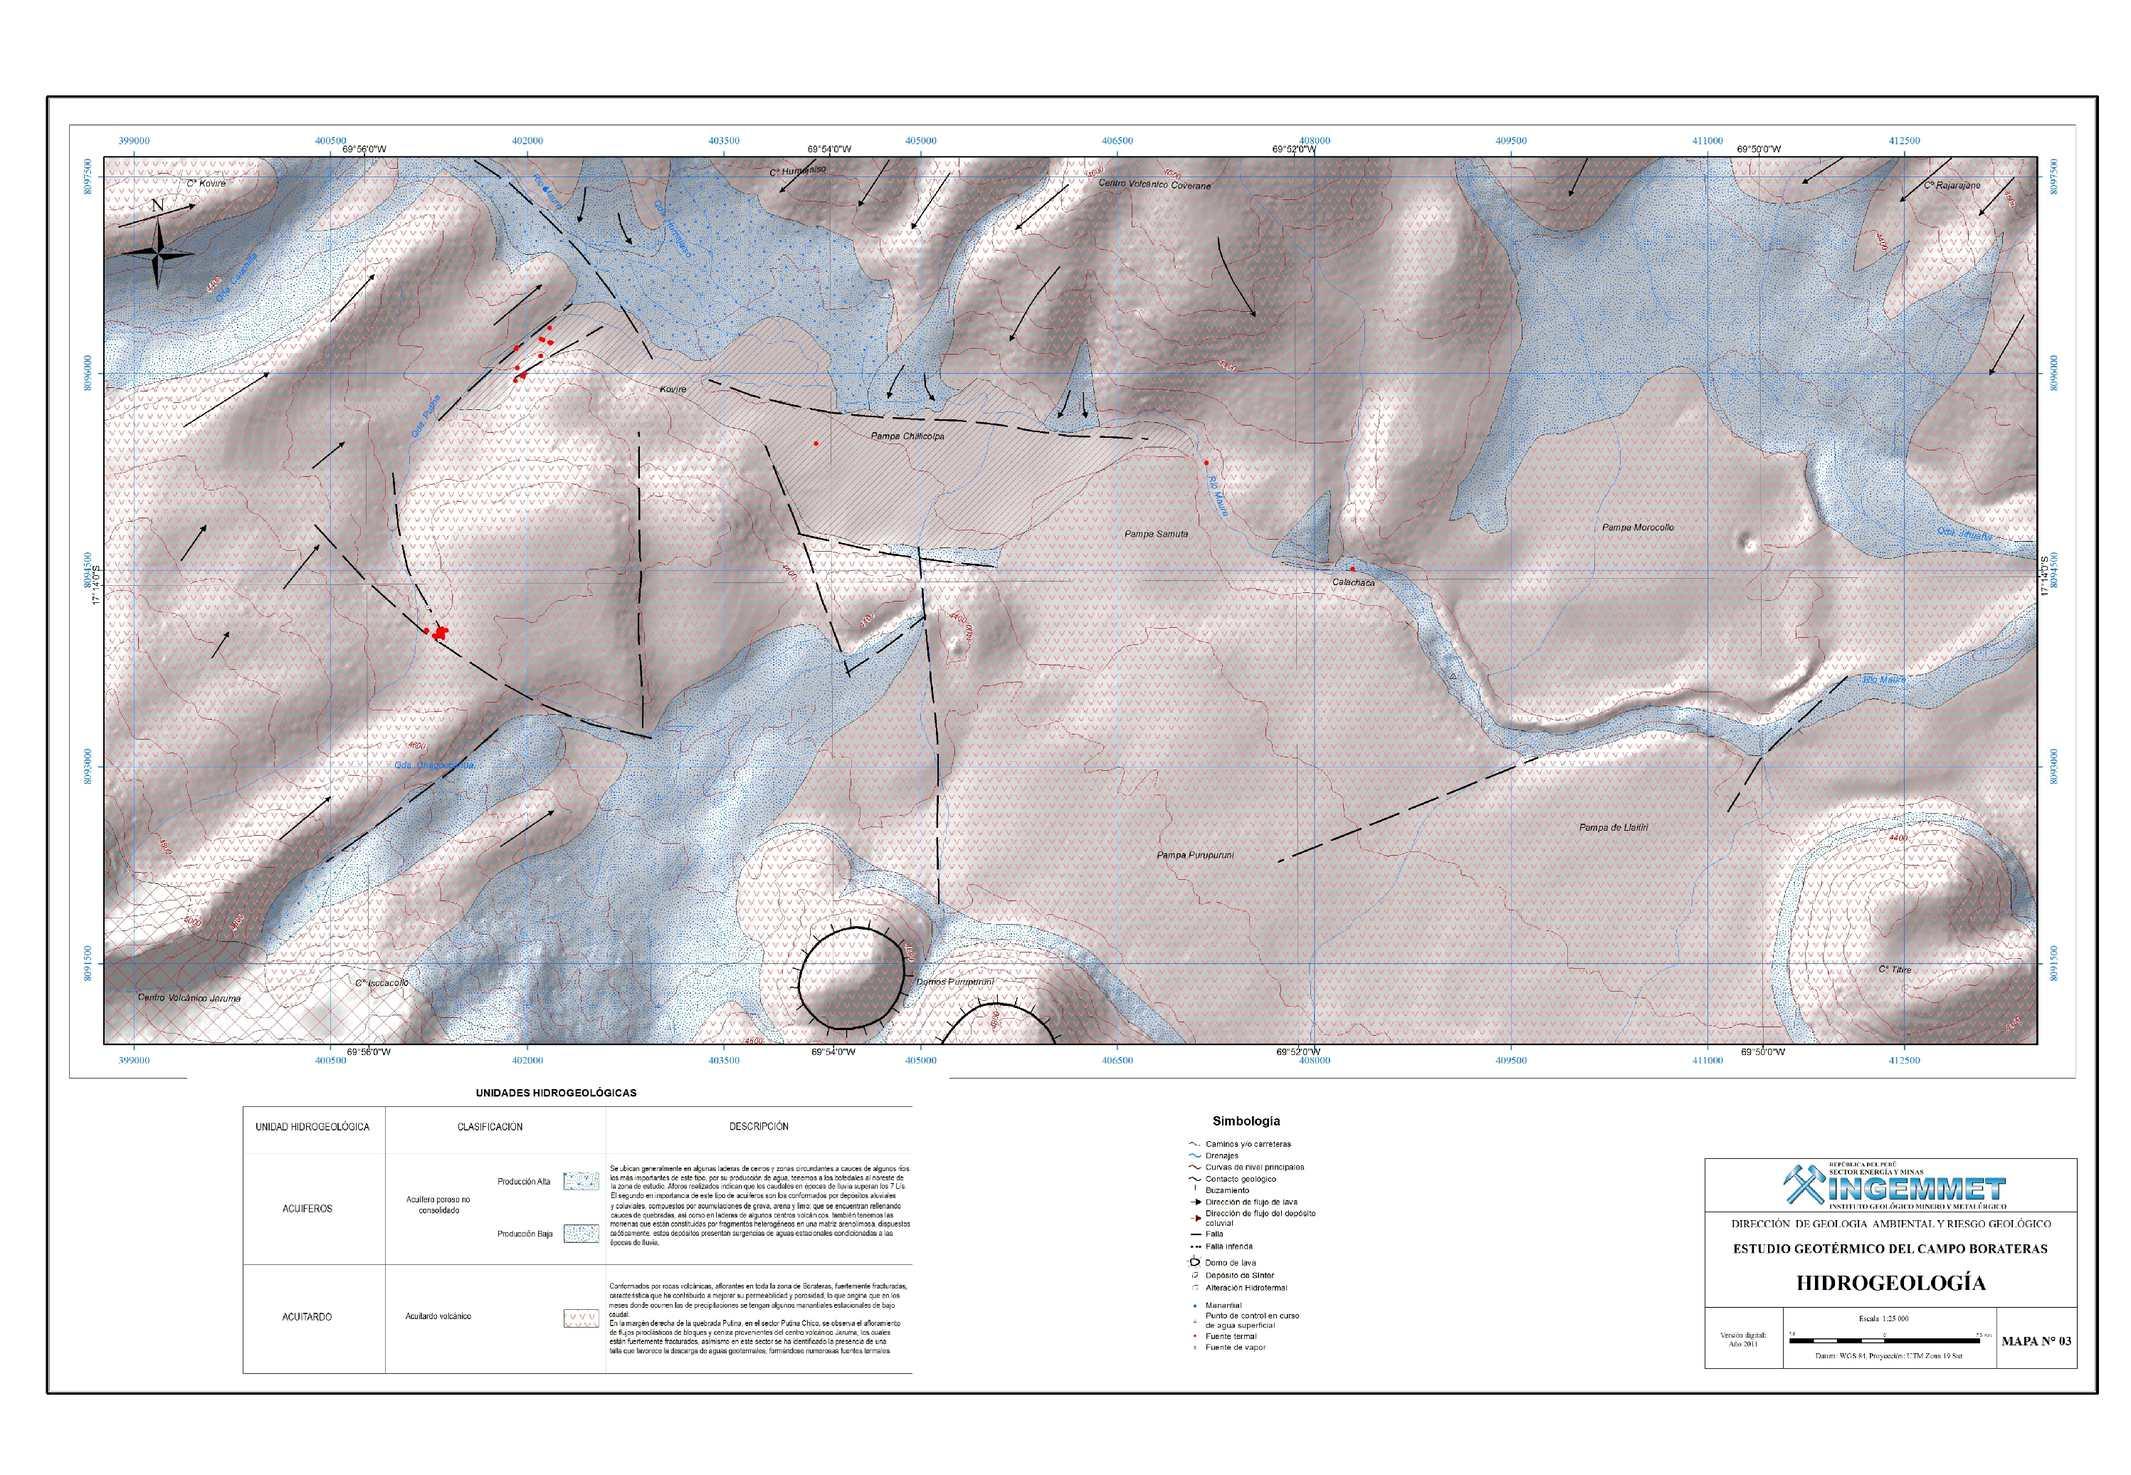 Calameo Mapa 3 Hidrogeologico Fin Bor